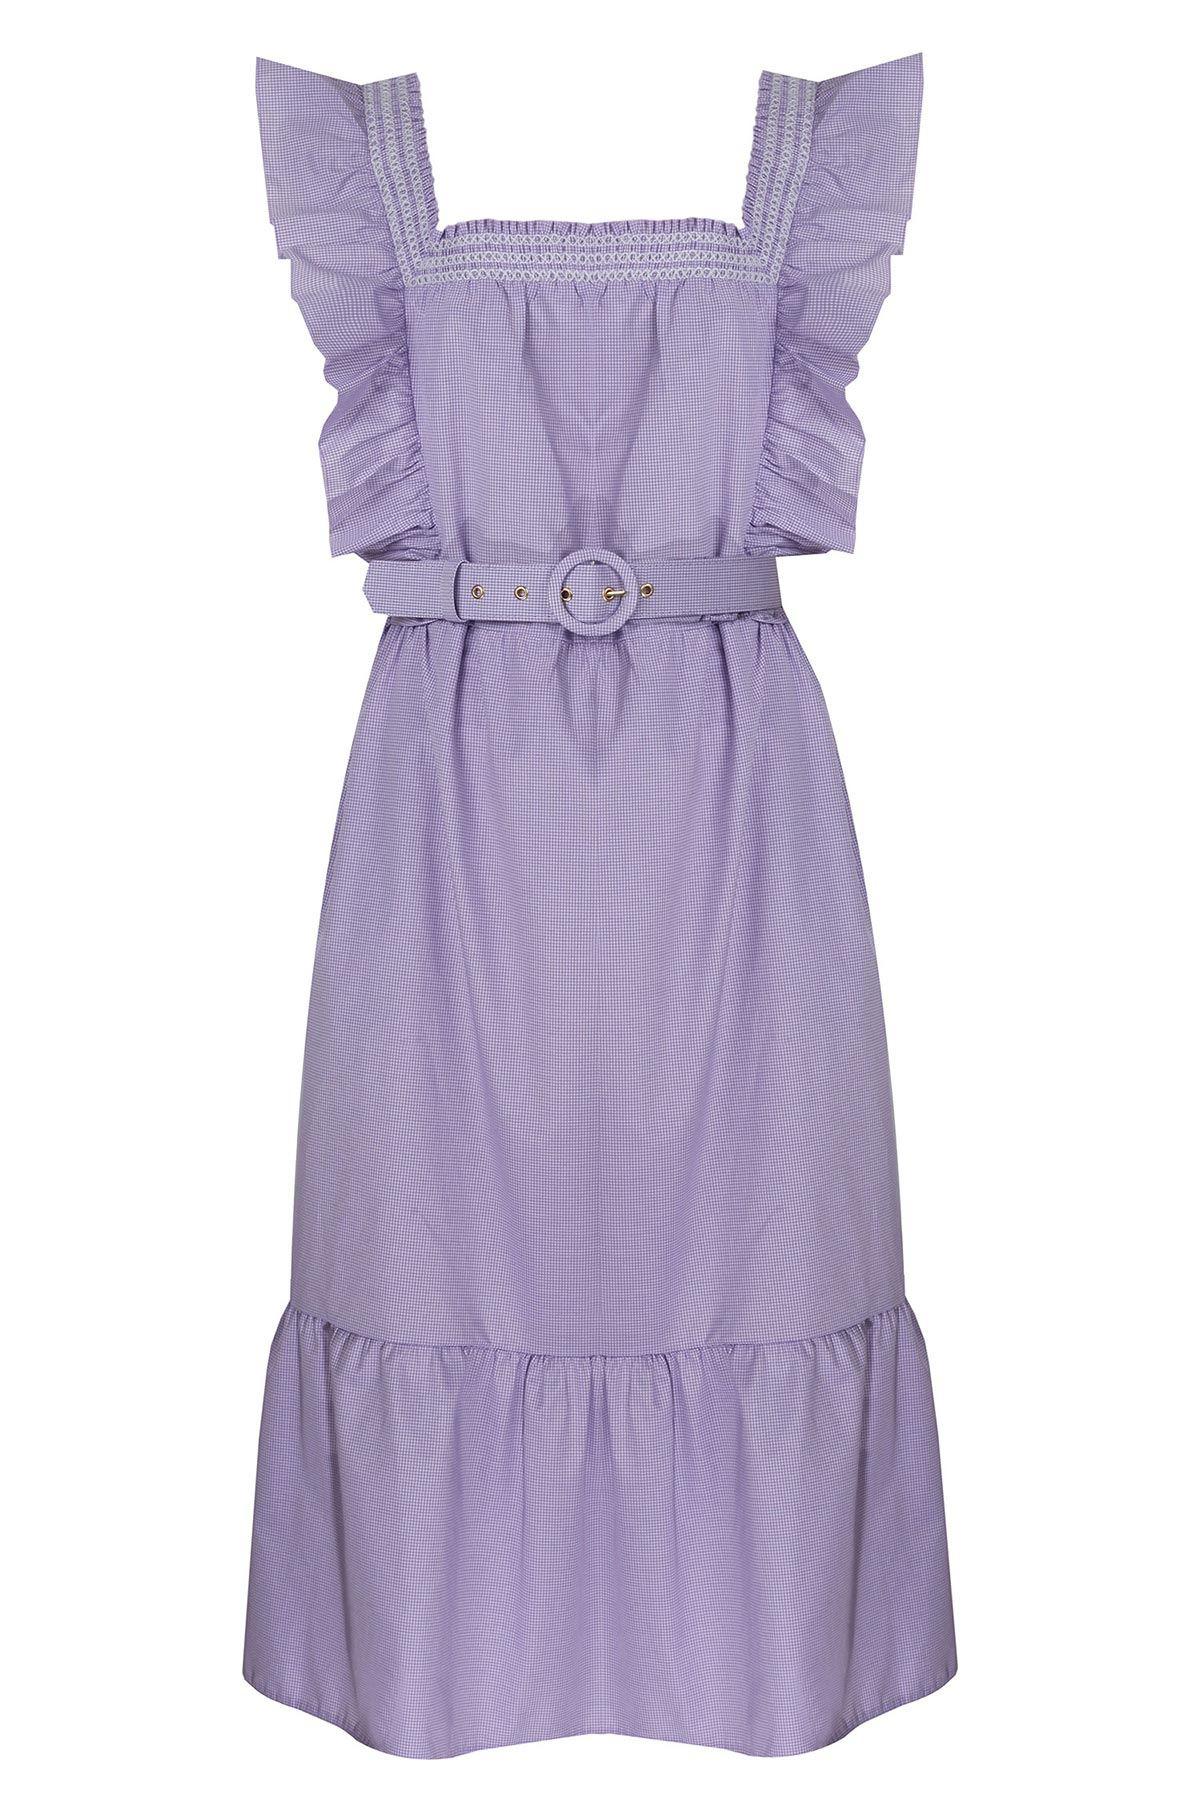 Kare yaka fırfır şeritli elbise Lila